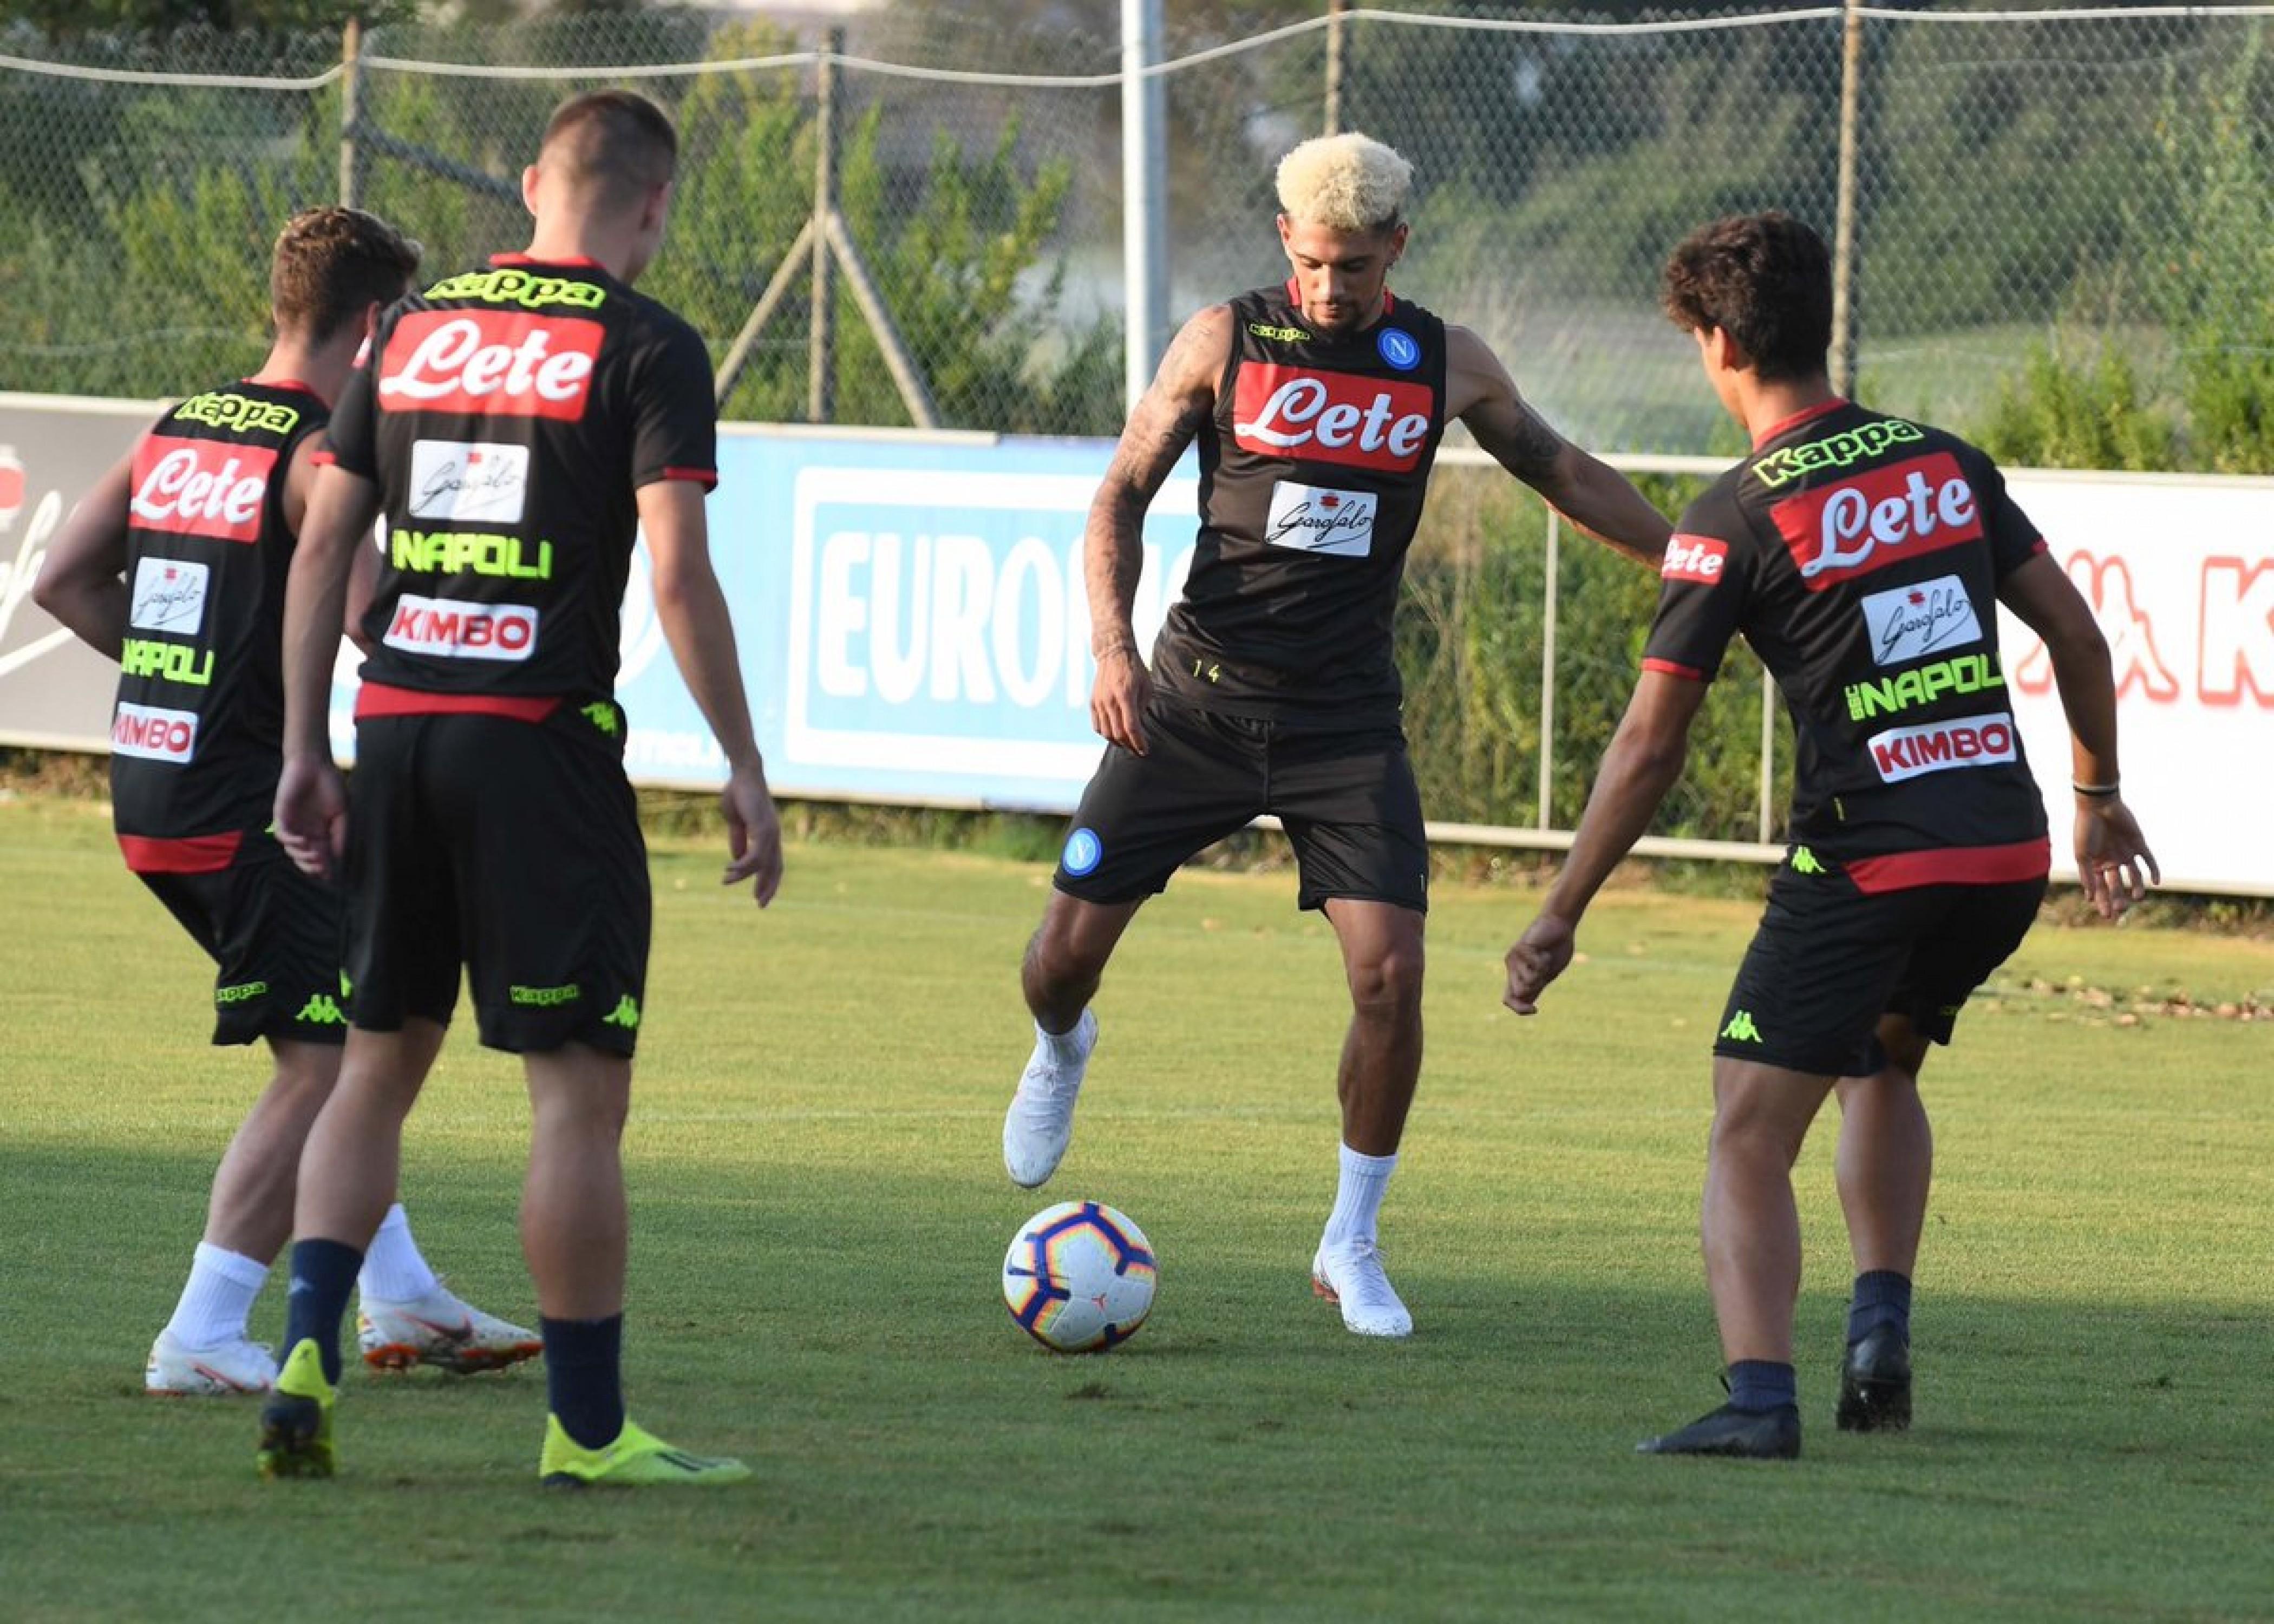 Napoli - Fiorentina: gli azzurri per il riscatto, i viola per continuare a stupire